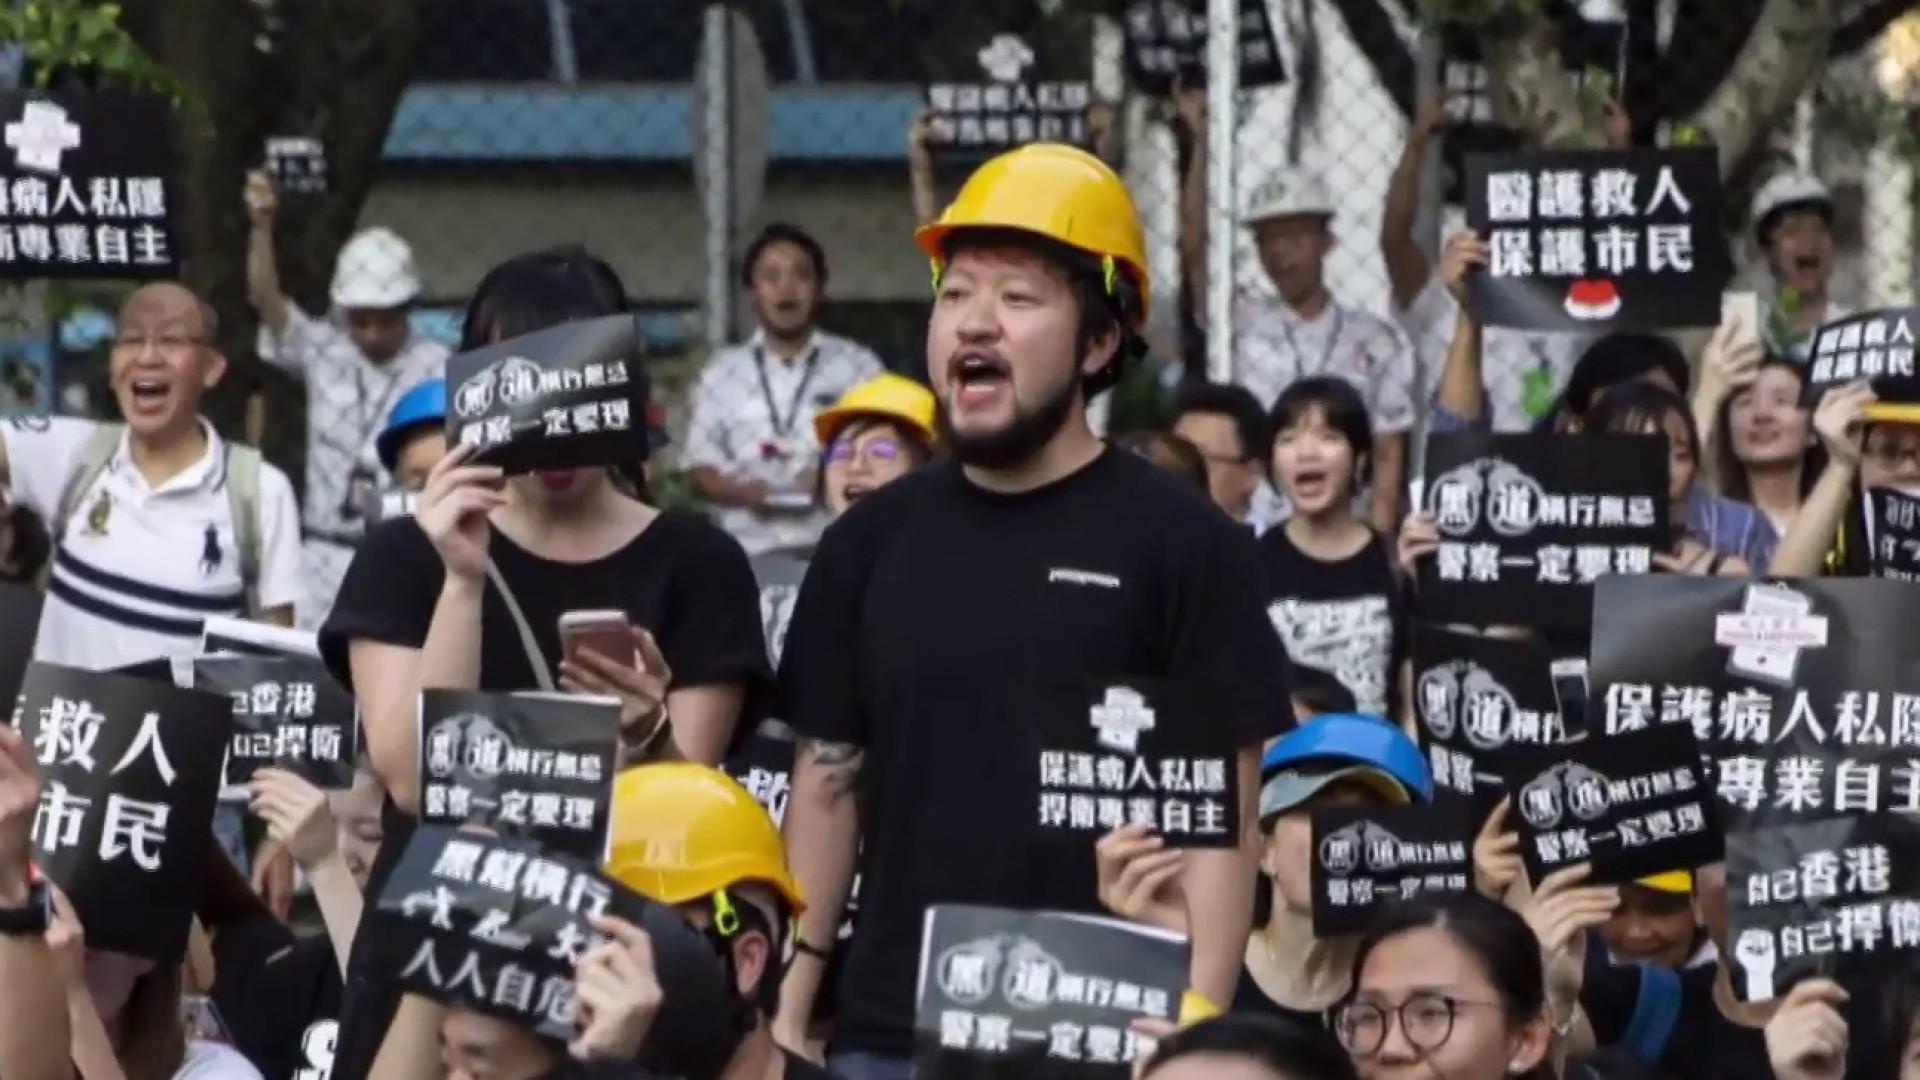 One More Thing: Hong Kong protestors demonstrate at Hong Kong International Airport